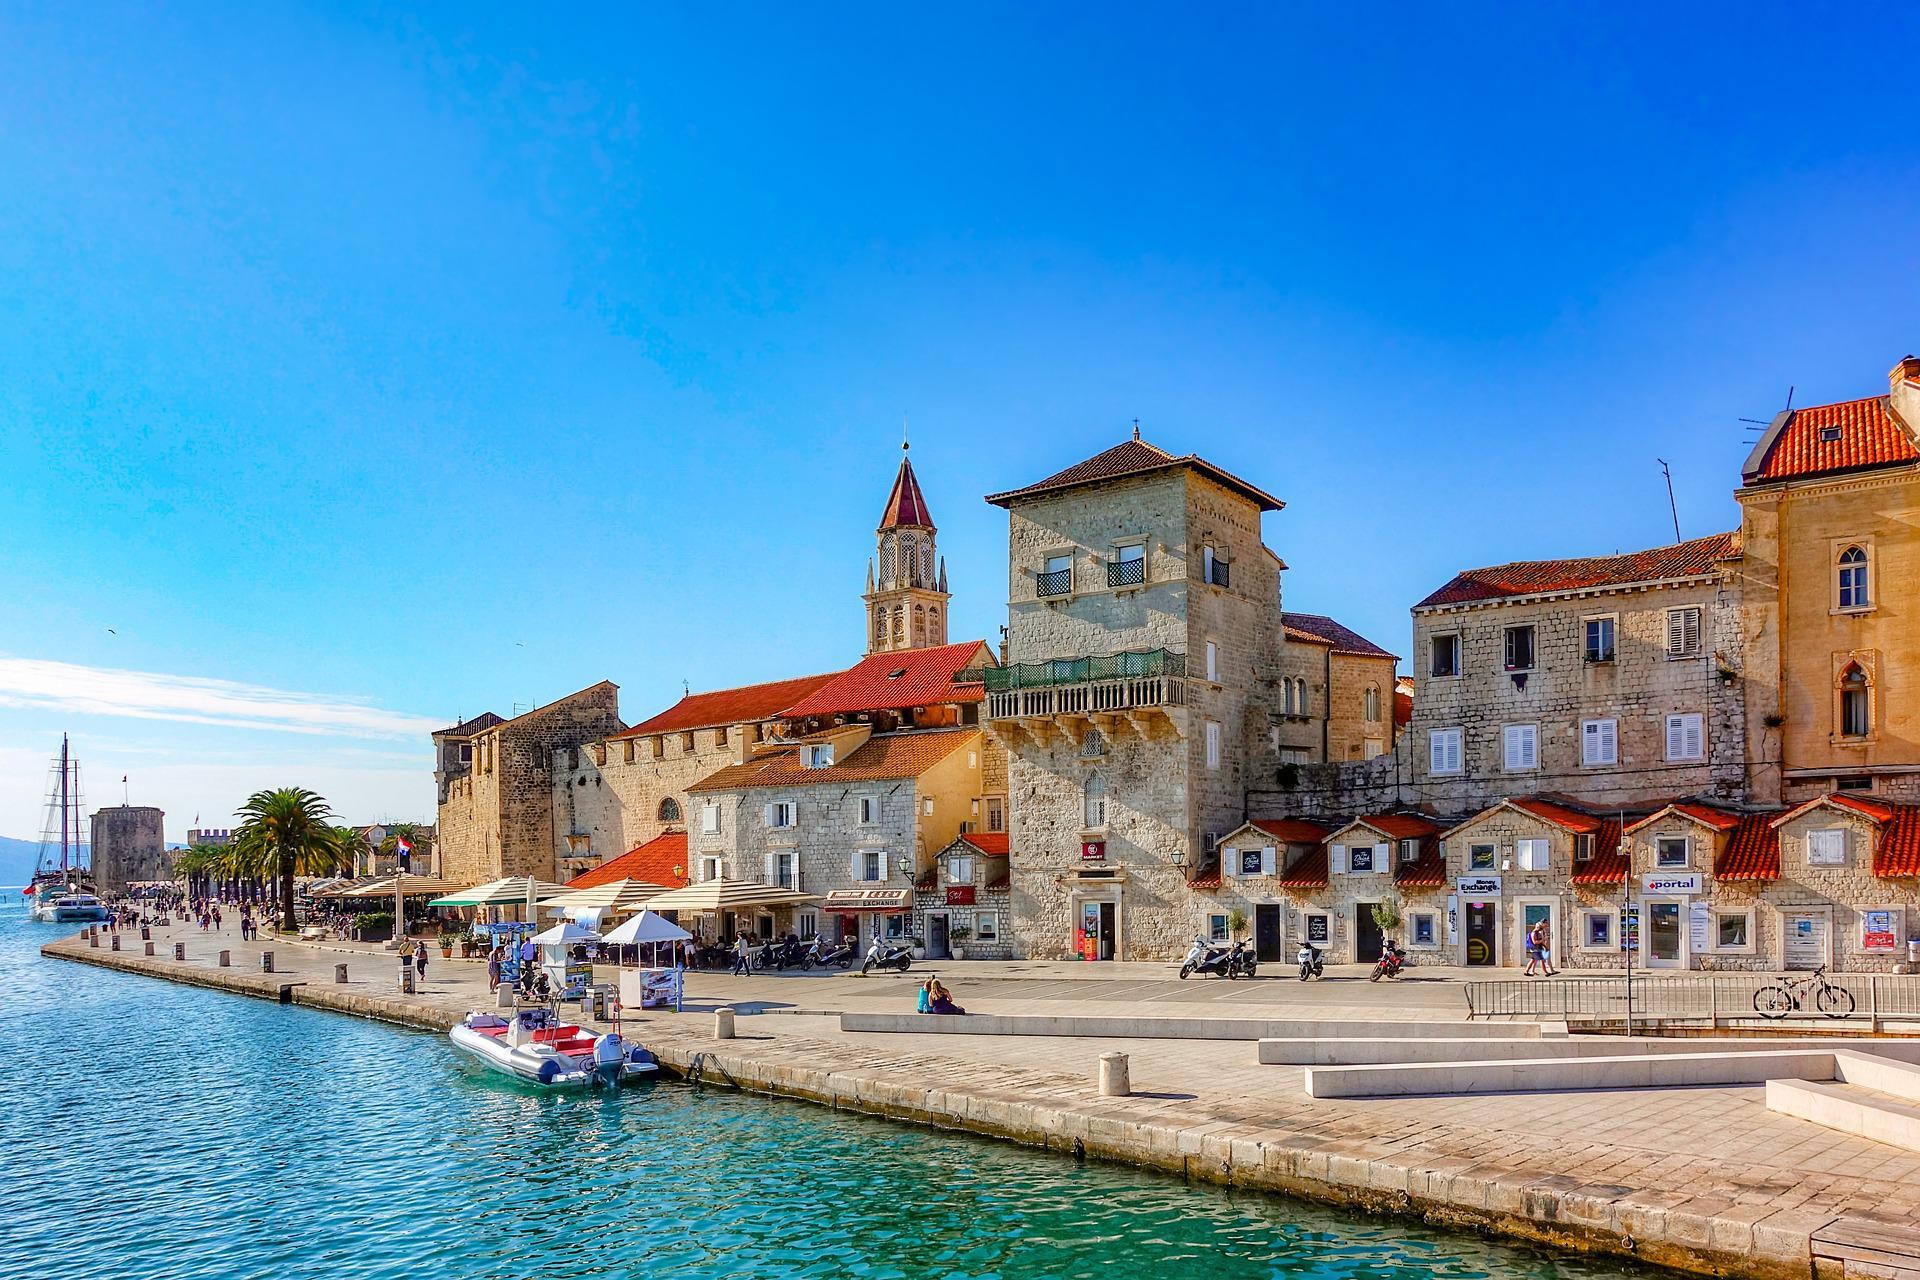 Wakacje w Chorwacji – czy warto pojechać?